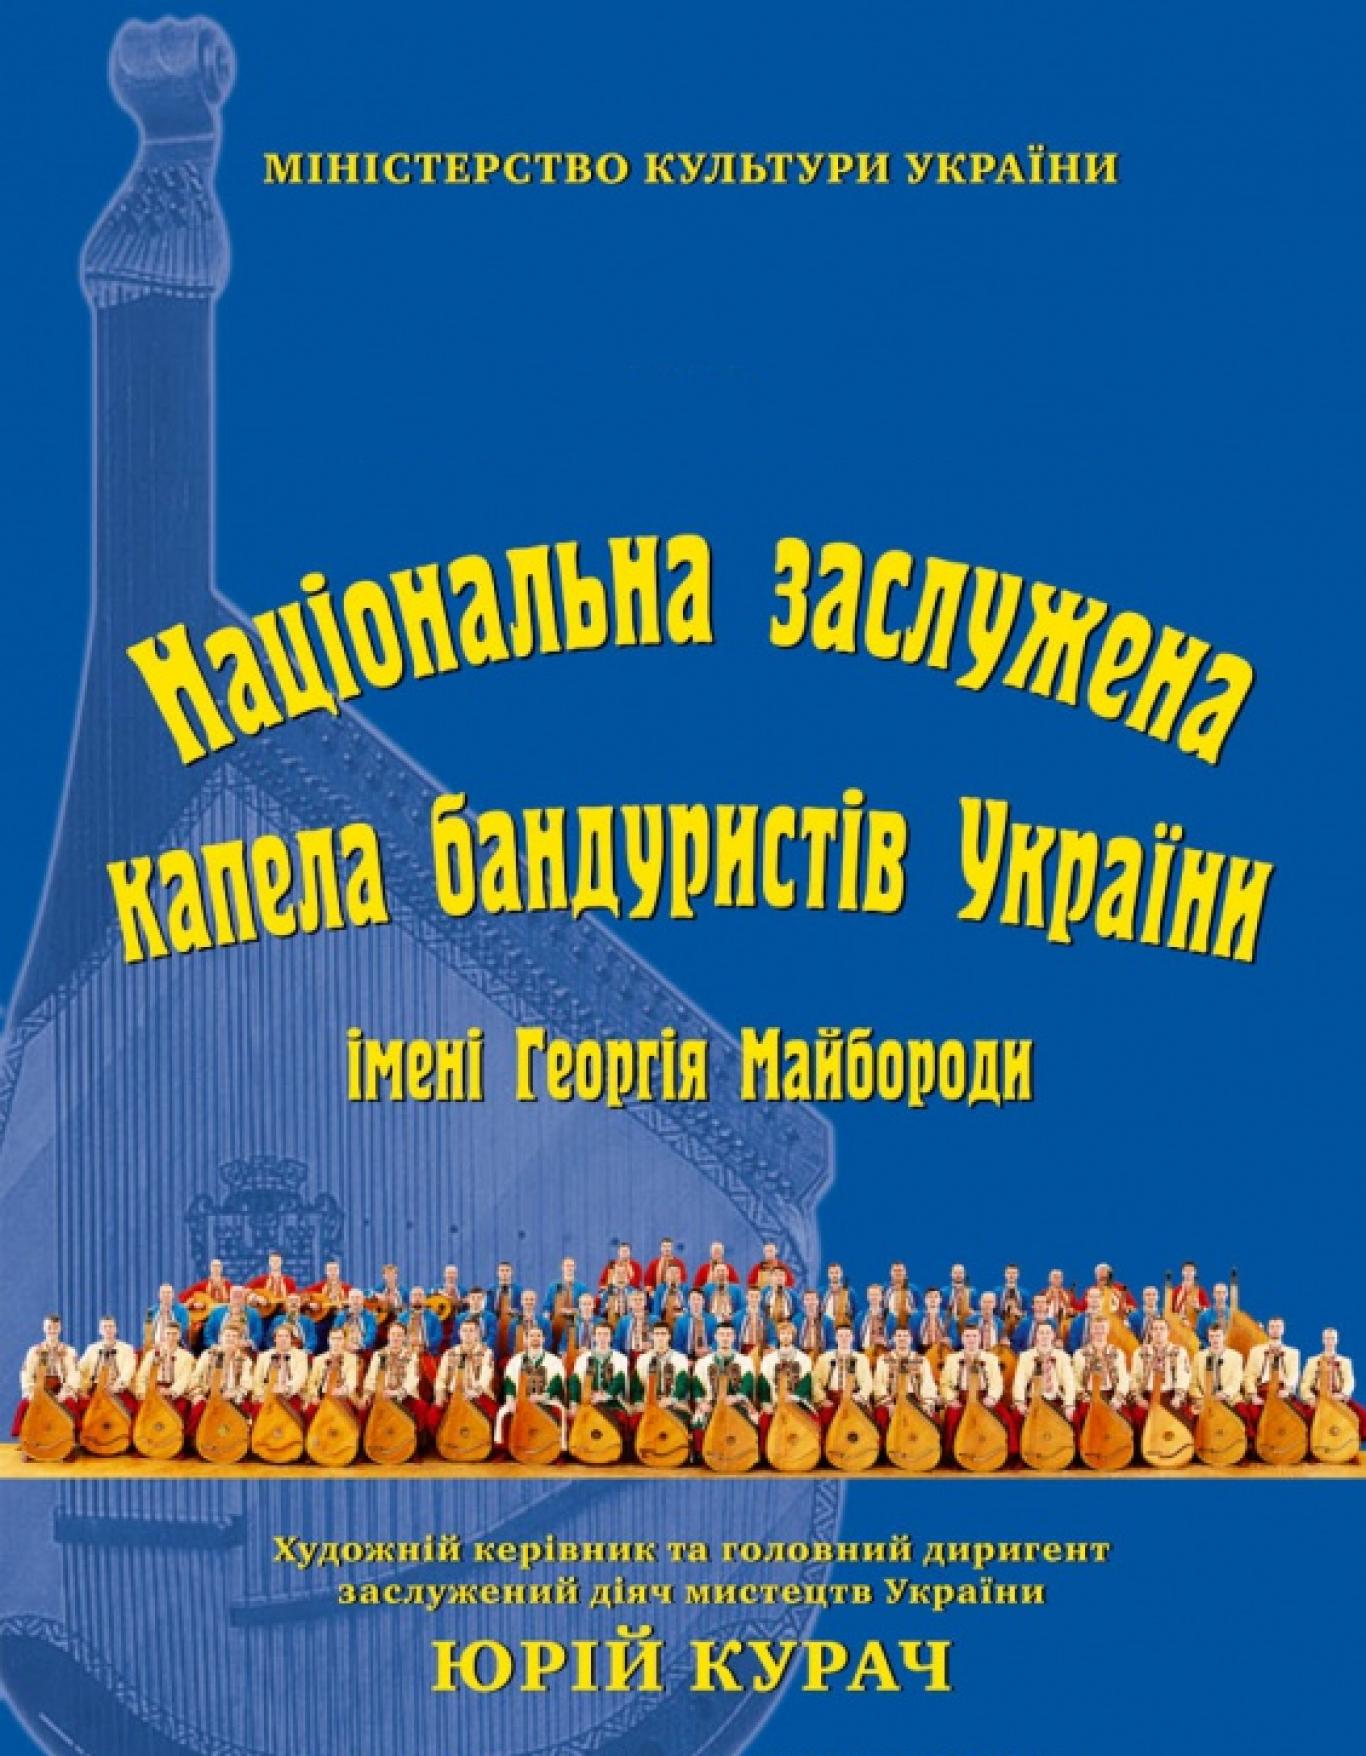 Концерт у філармонії до Міжнародного Дня Музики